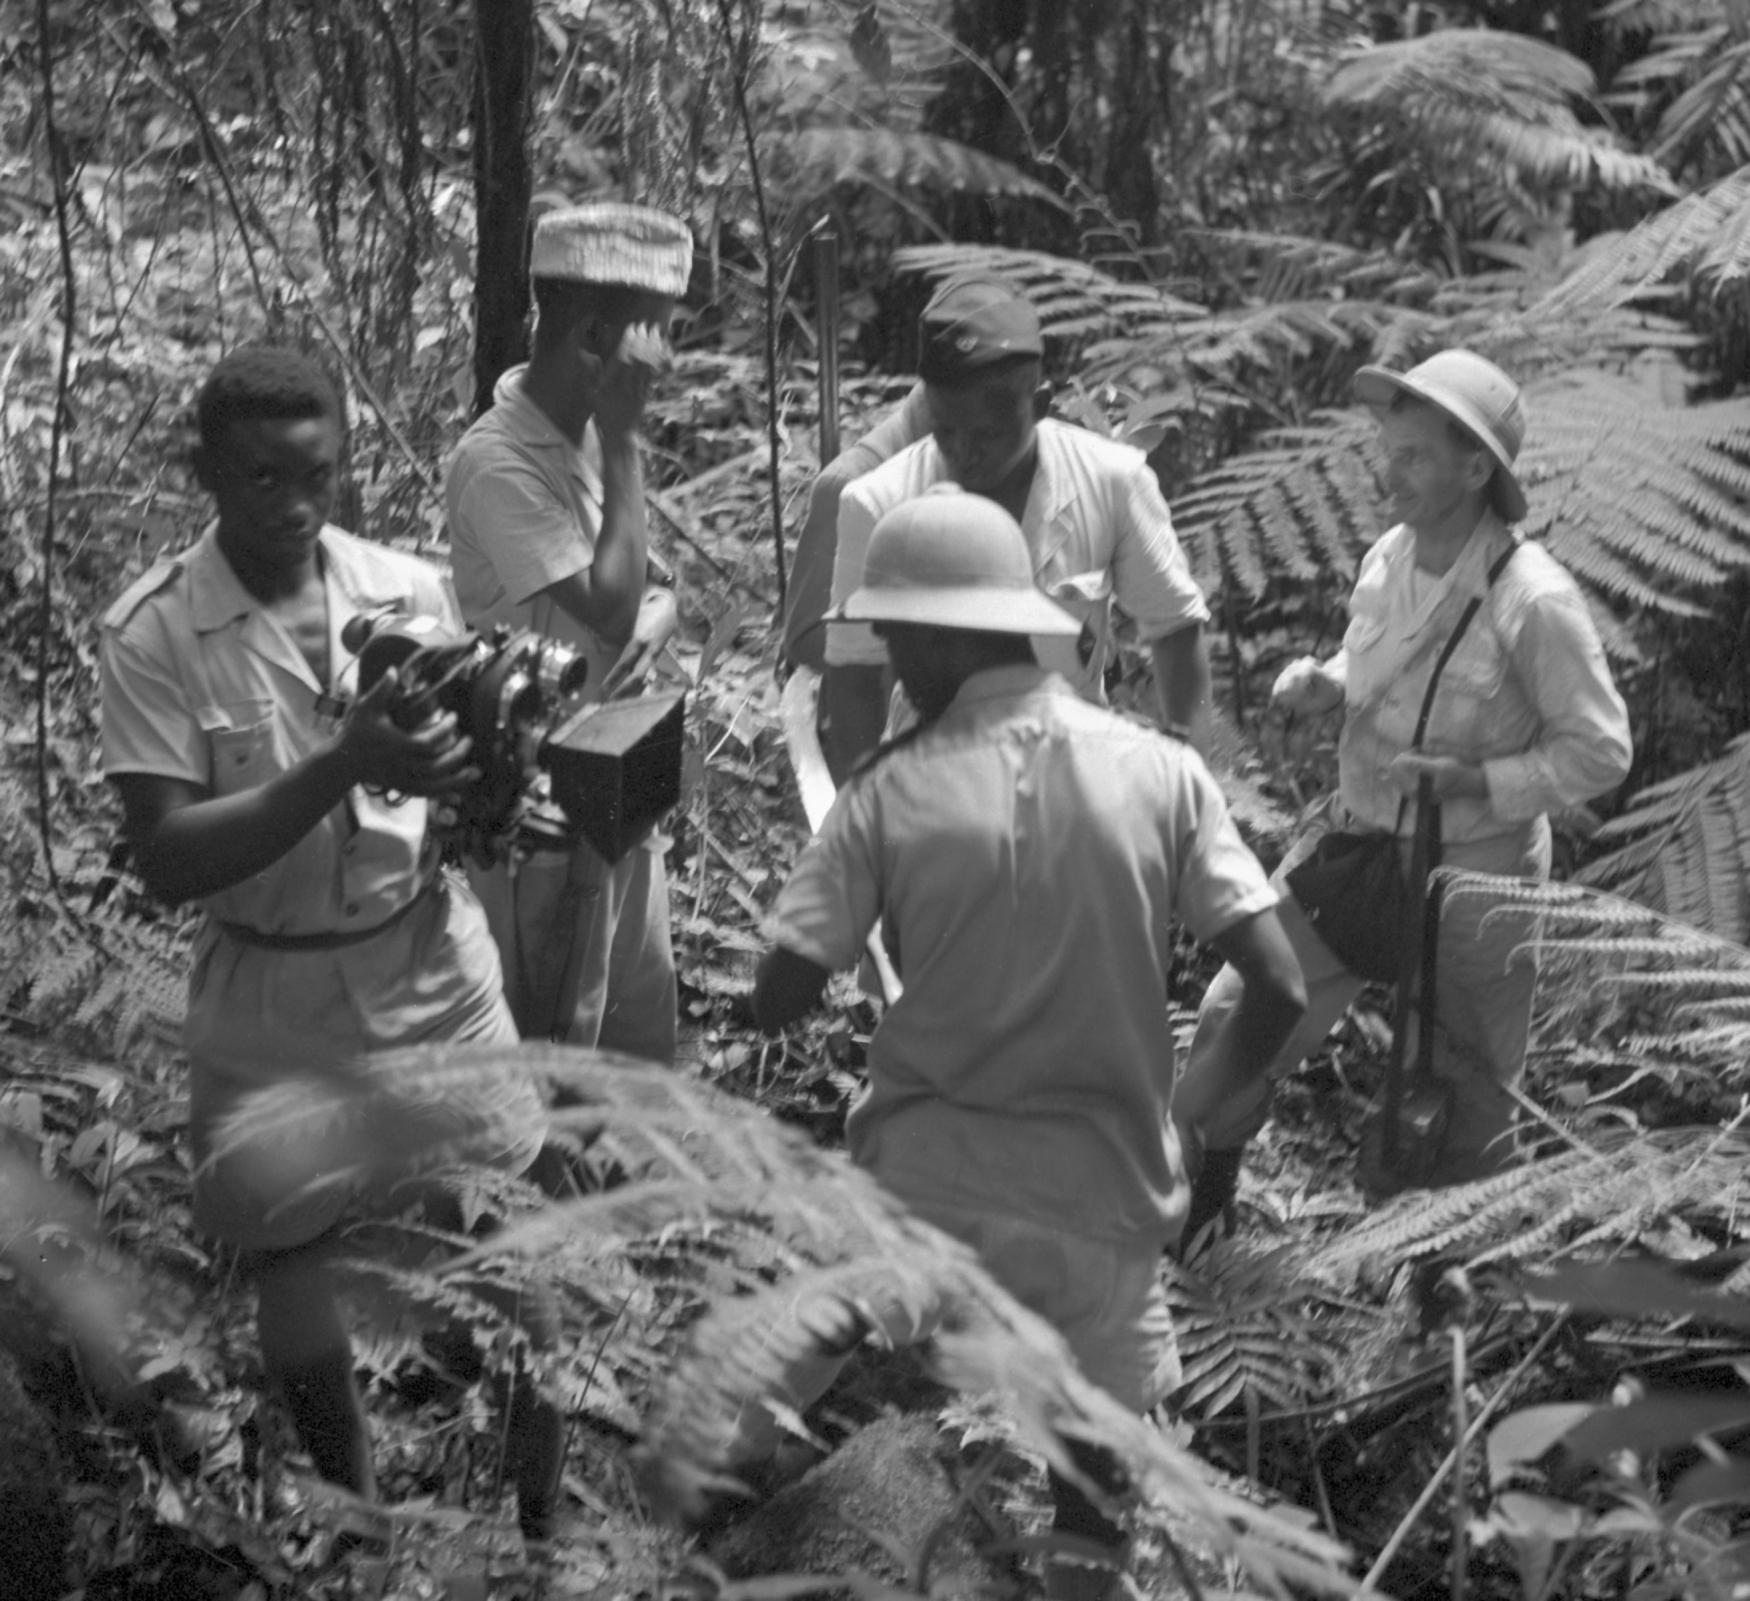 Ladislav Pařízek spolu s kameramanem Lubomírem Mikulou dosáhli 21. května 1959 pramenů Nigeru v posvátném háji